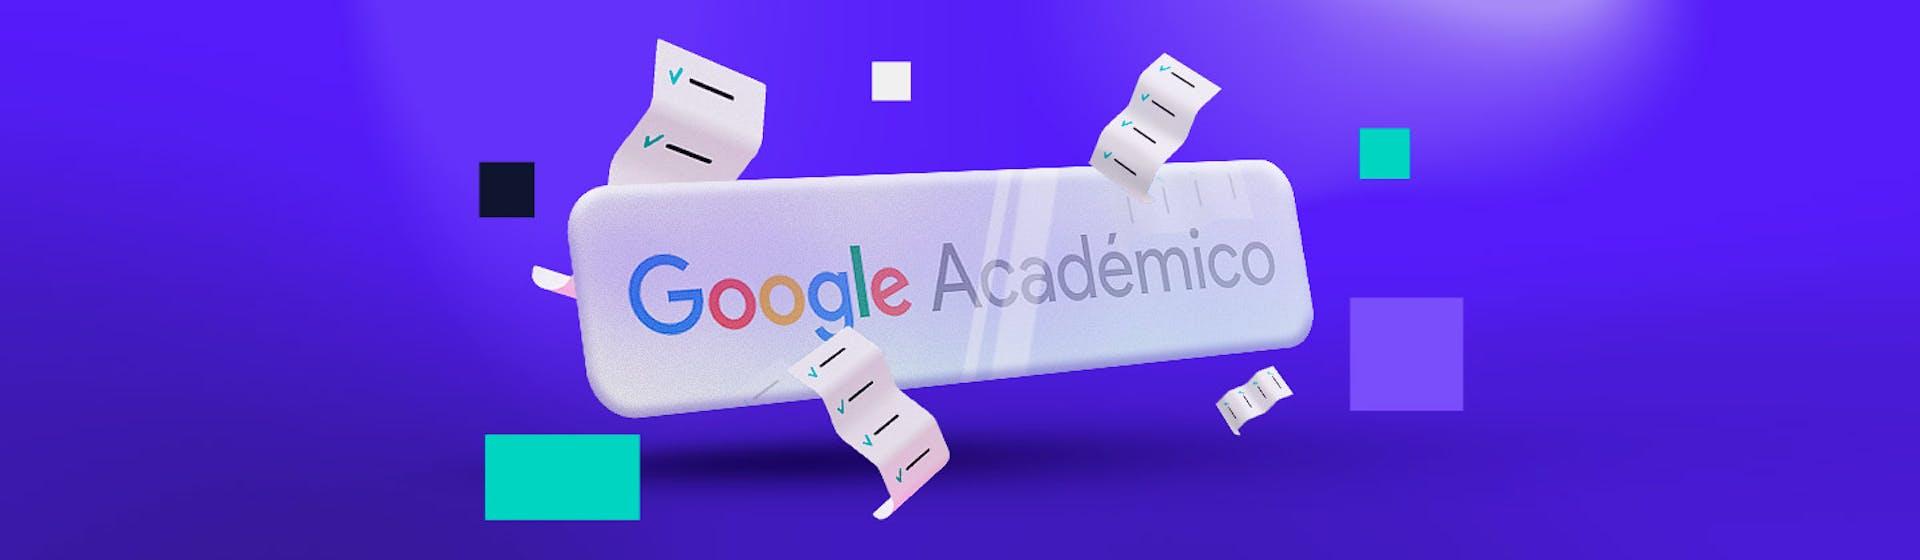 ¿Qué es Google Académico? Descubre al próximo aliado de tus informes